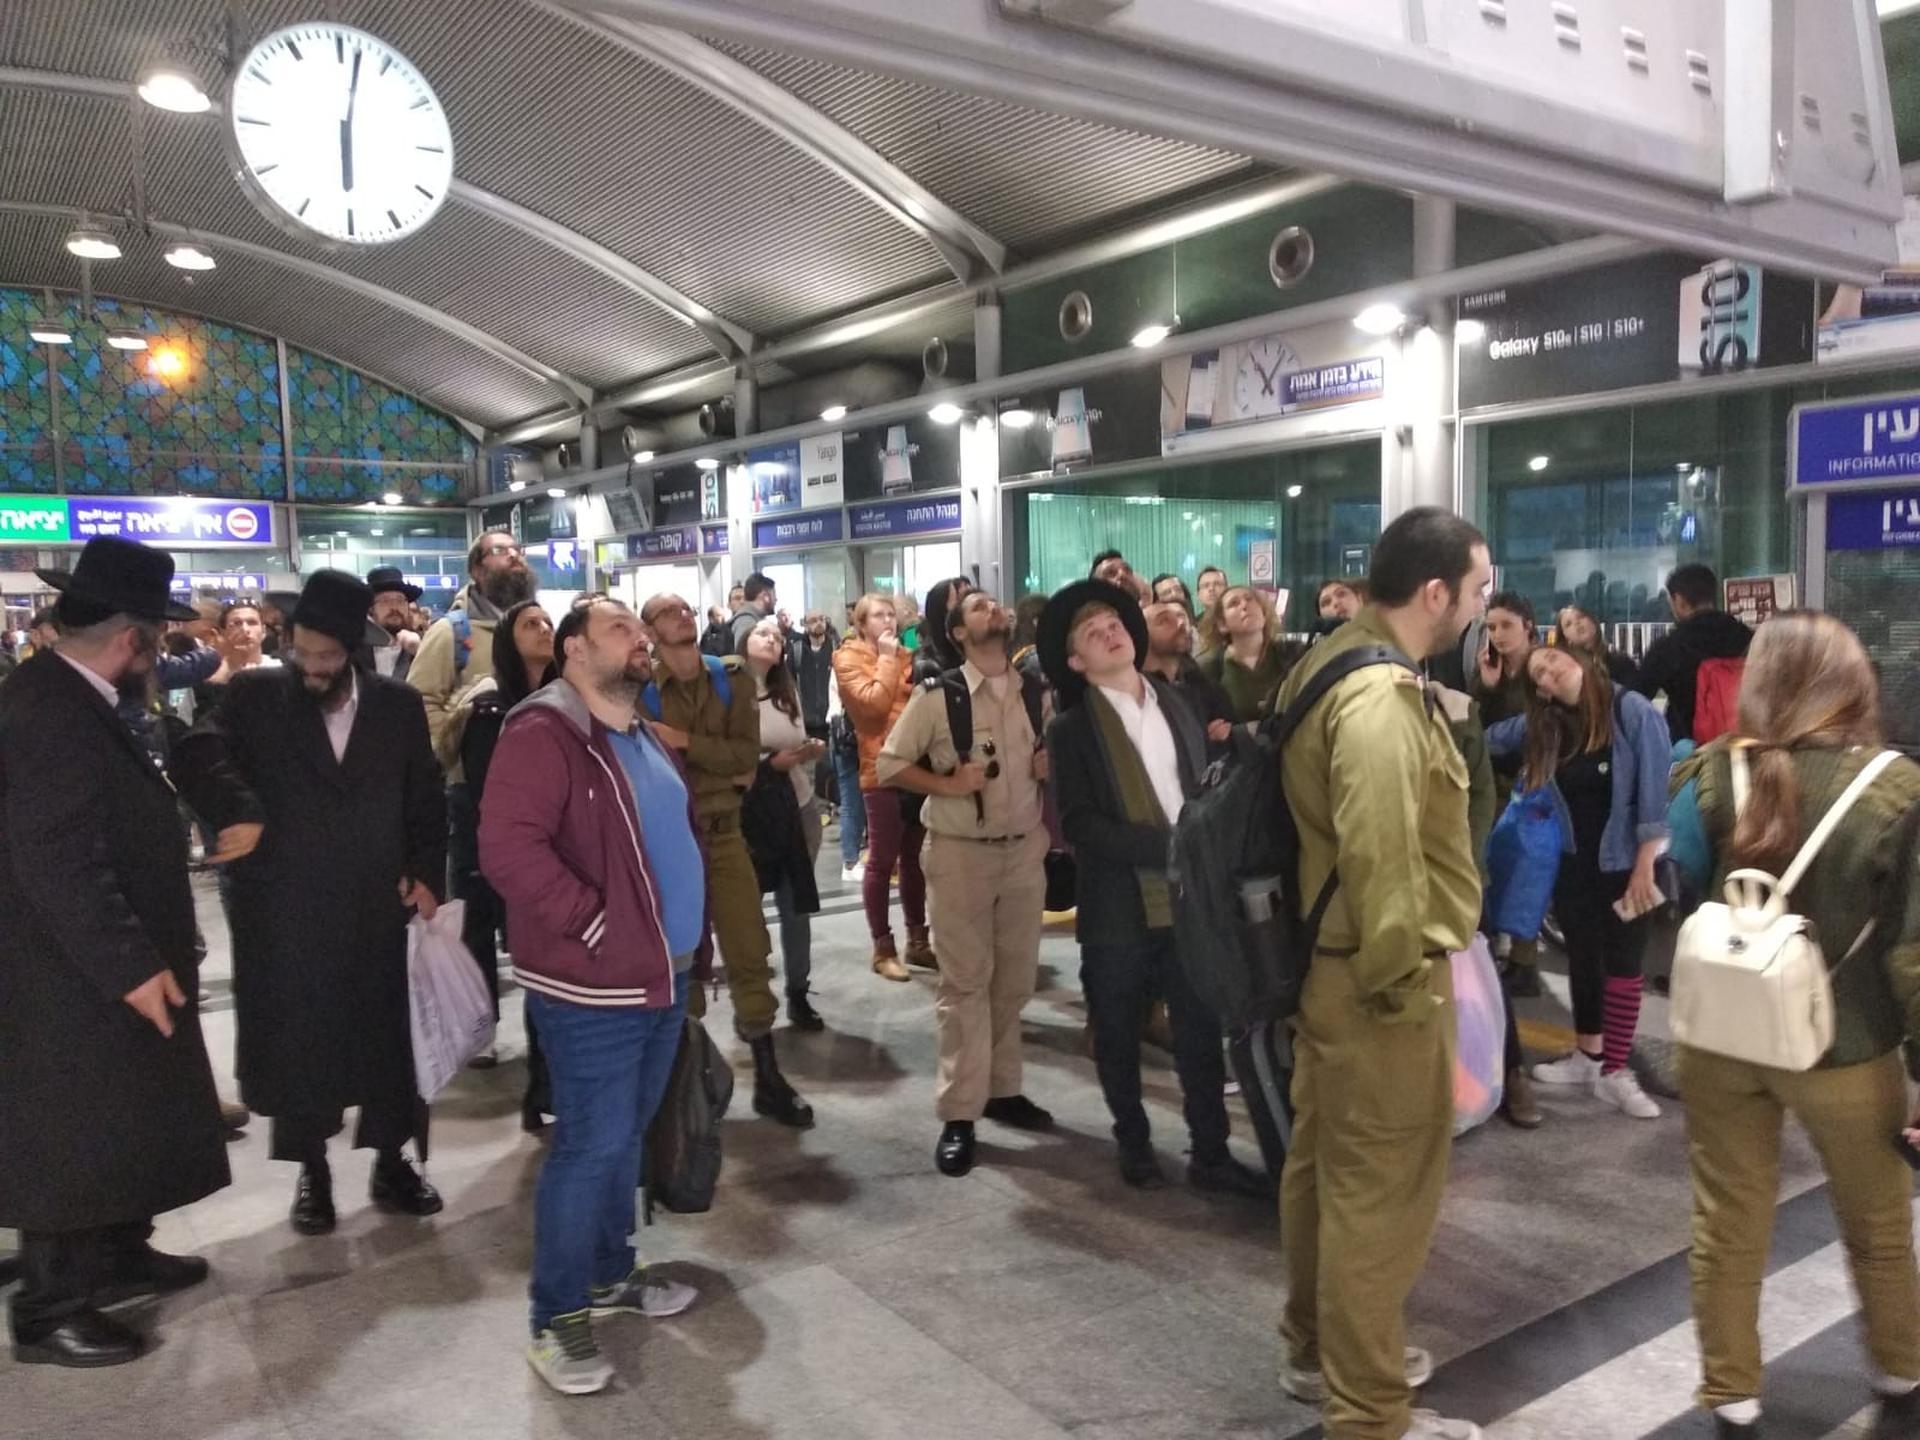 ממתינים על הרציף לרכבת | צילום המחשה: אריאל ימיני